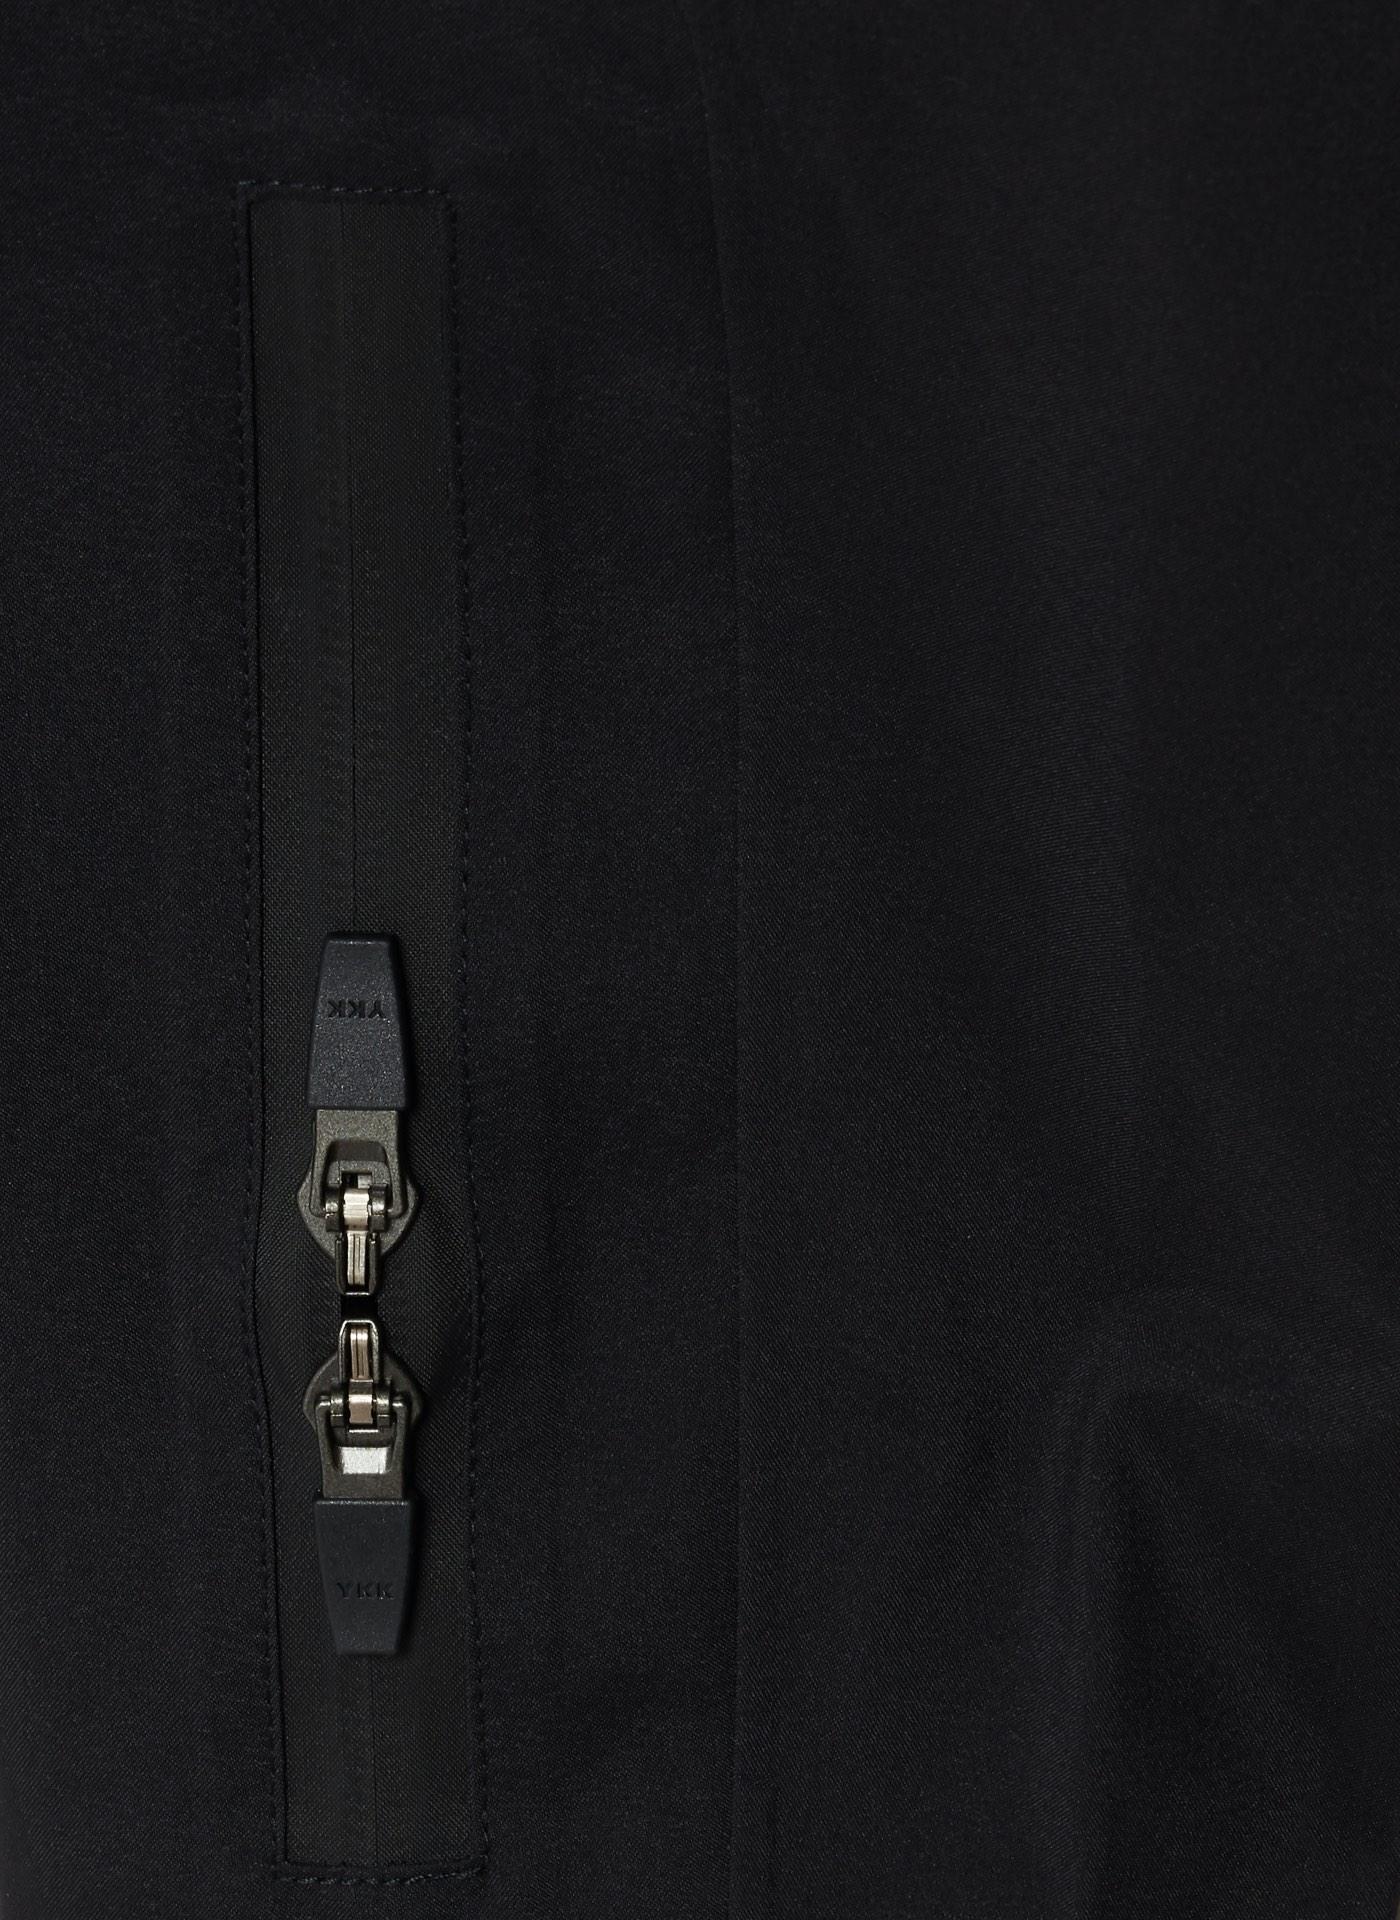 close up of shot a zipper on black coat